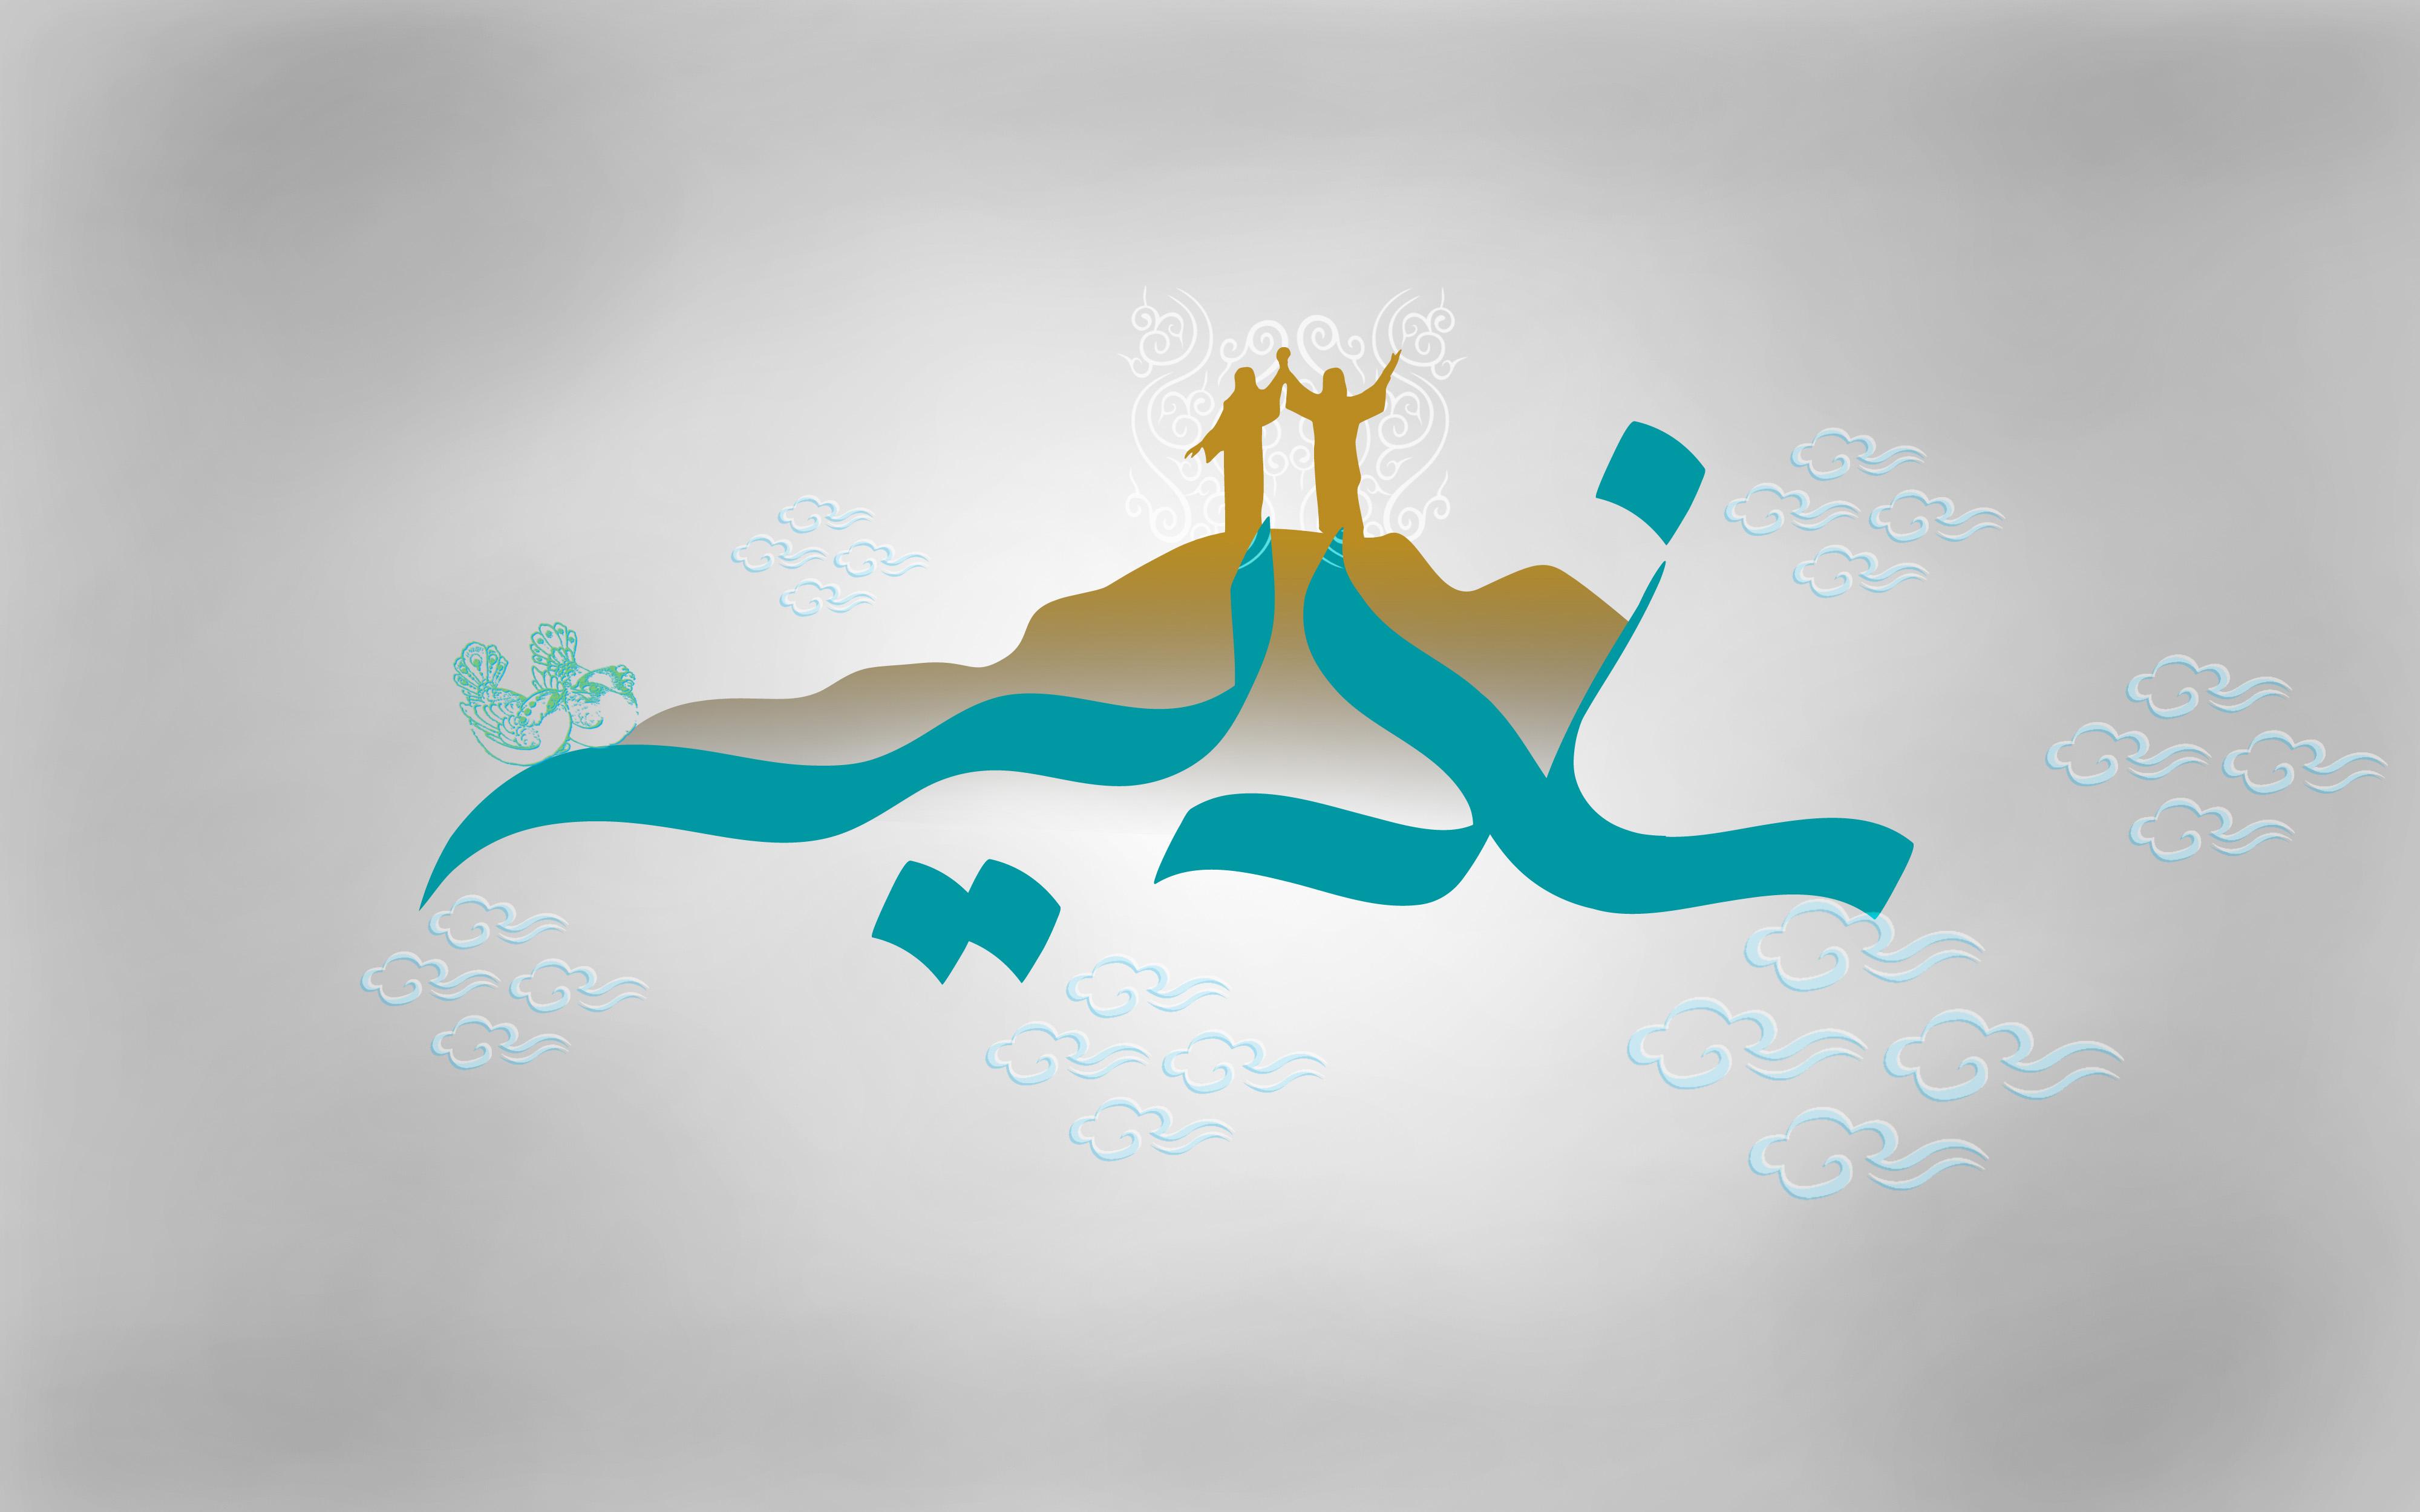 زیارت غدیریه محور وحدت امت اسلامی/زیارت غدیریه؛ مداحی امیرالمومنین از لسان امام هادی (ع)